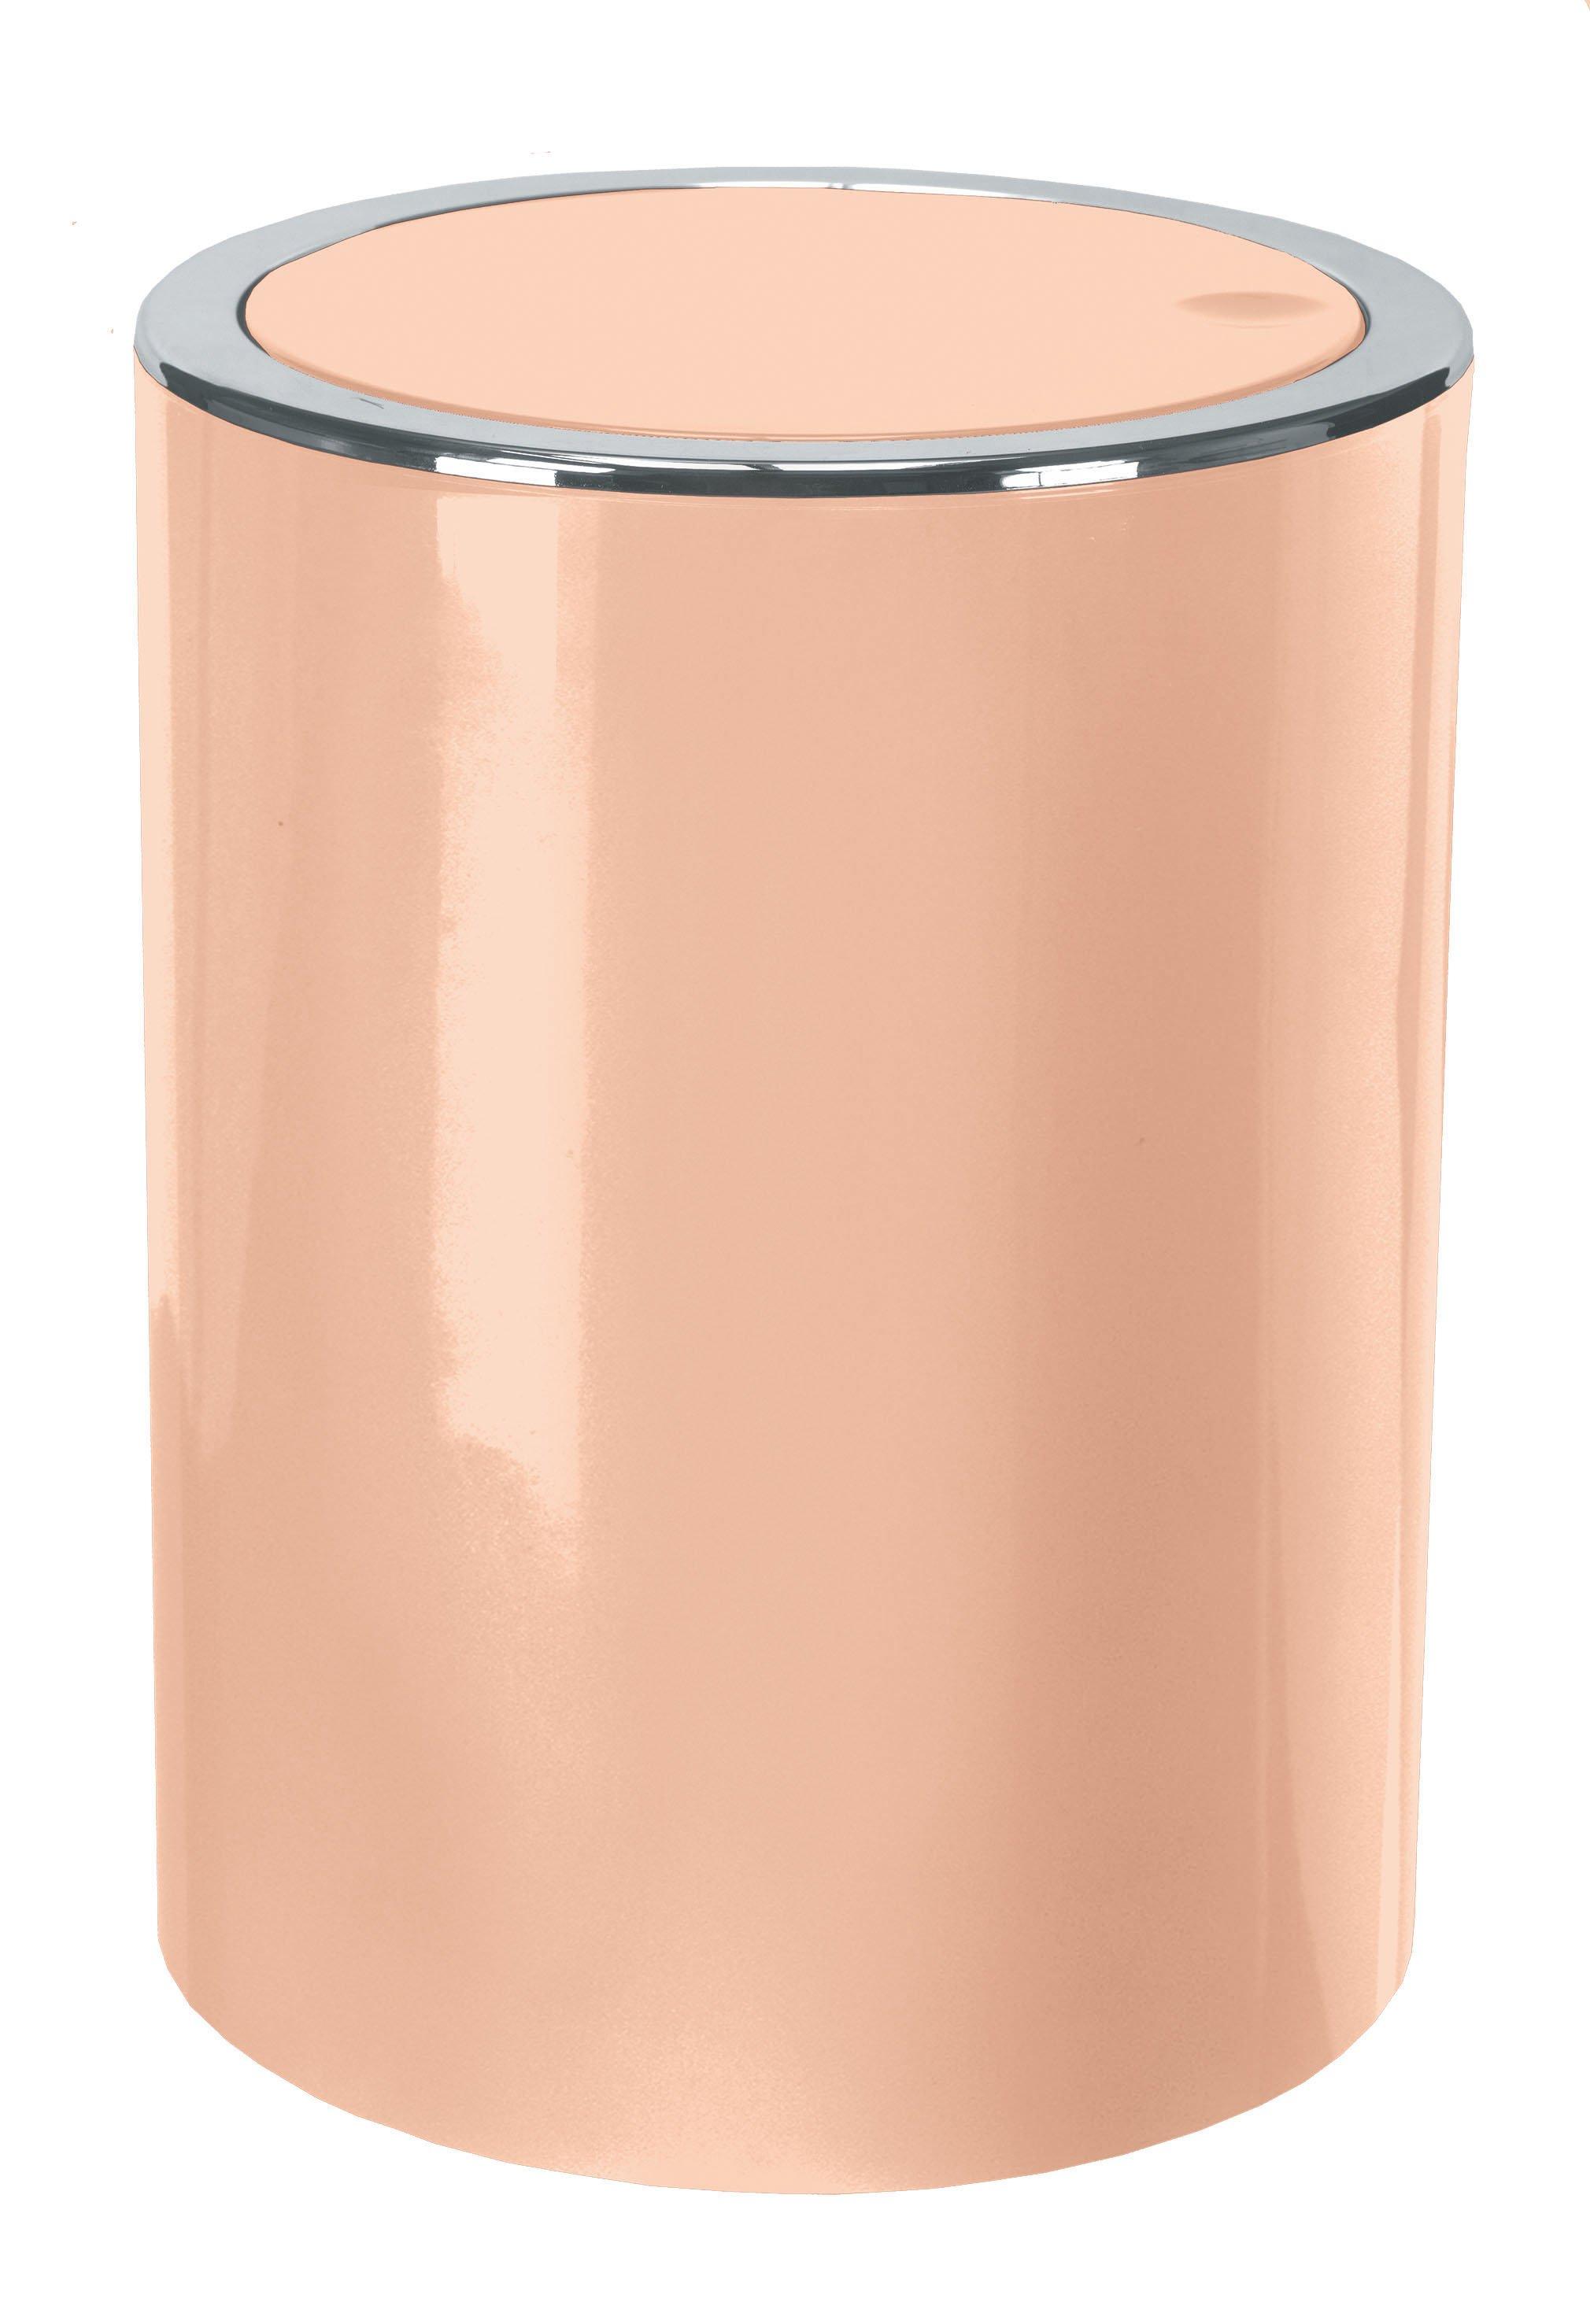 Kosmetikeimer Clap Salmon B:19cm